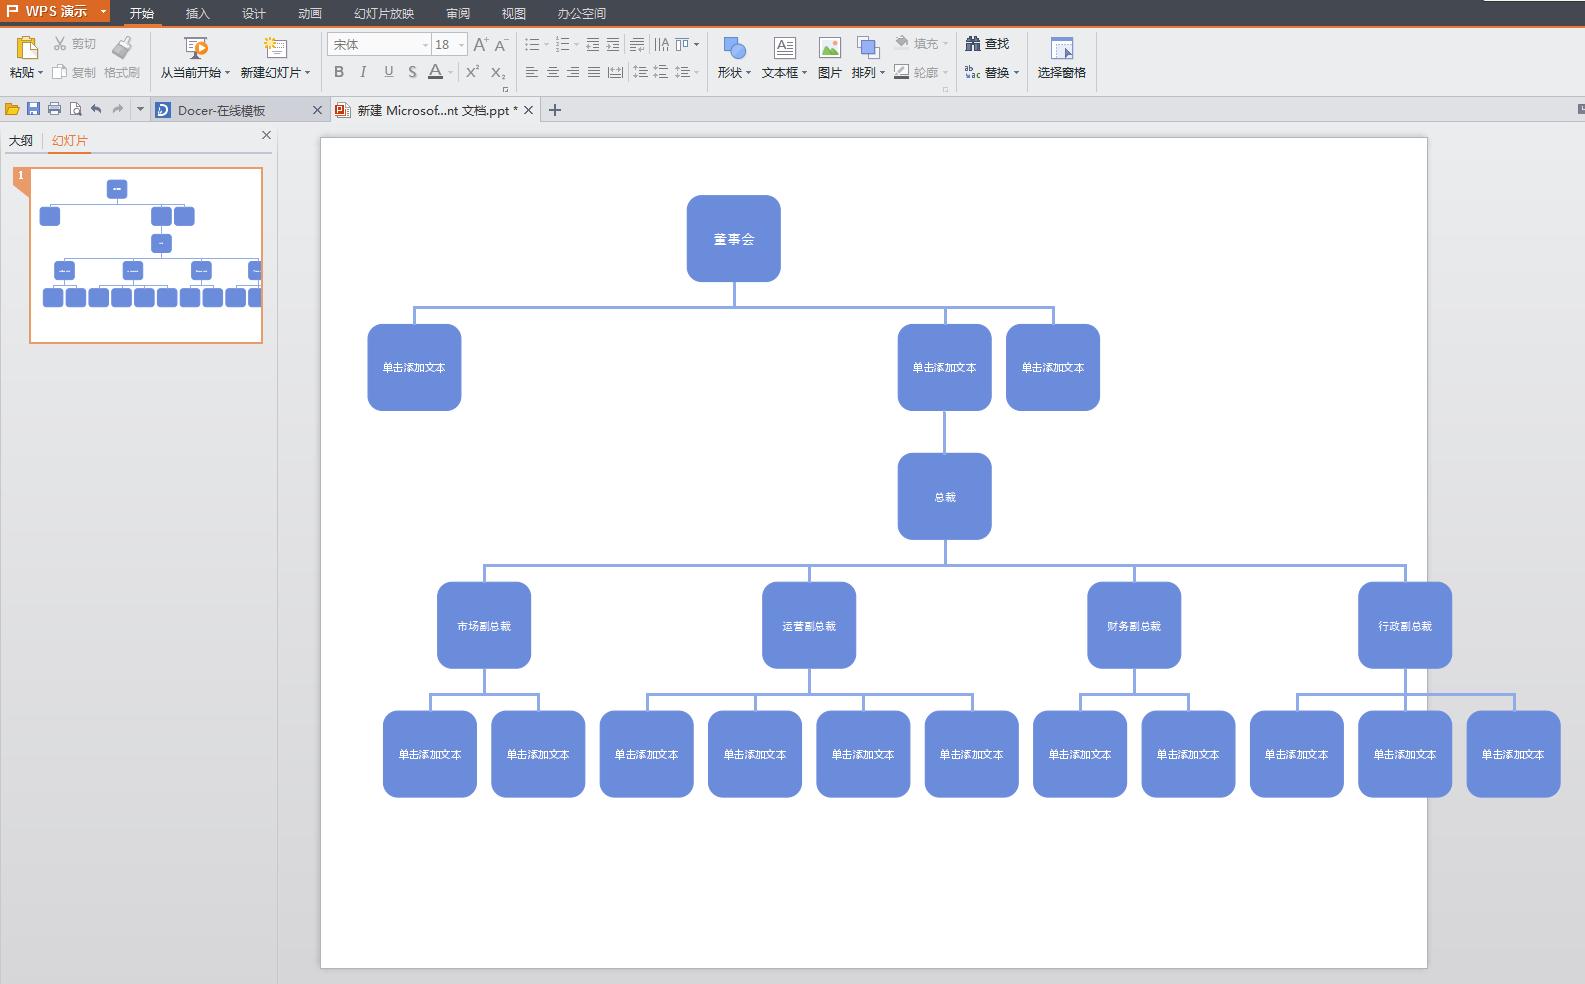 wps ppt中制作组织架构图,怎么让平级居中对齐,我做出来后如图,不美观